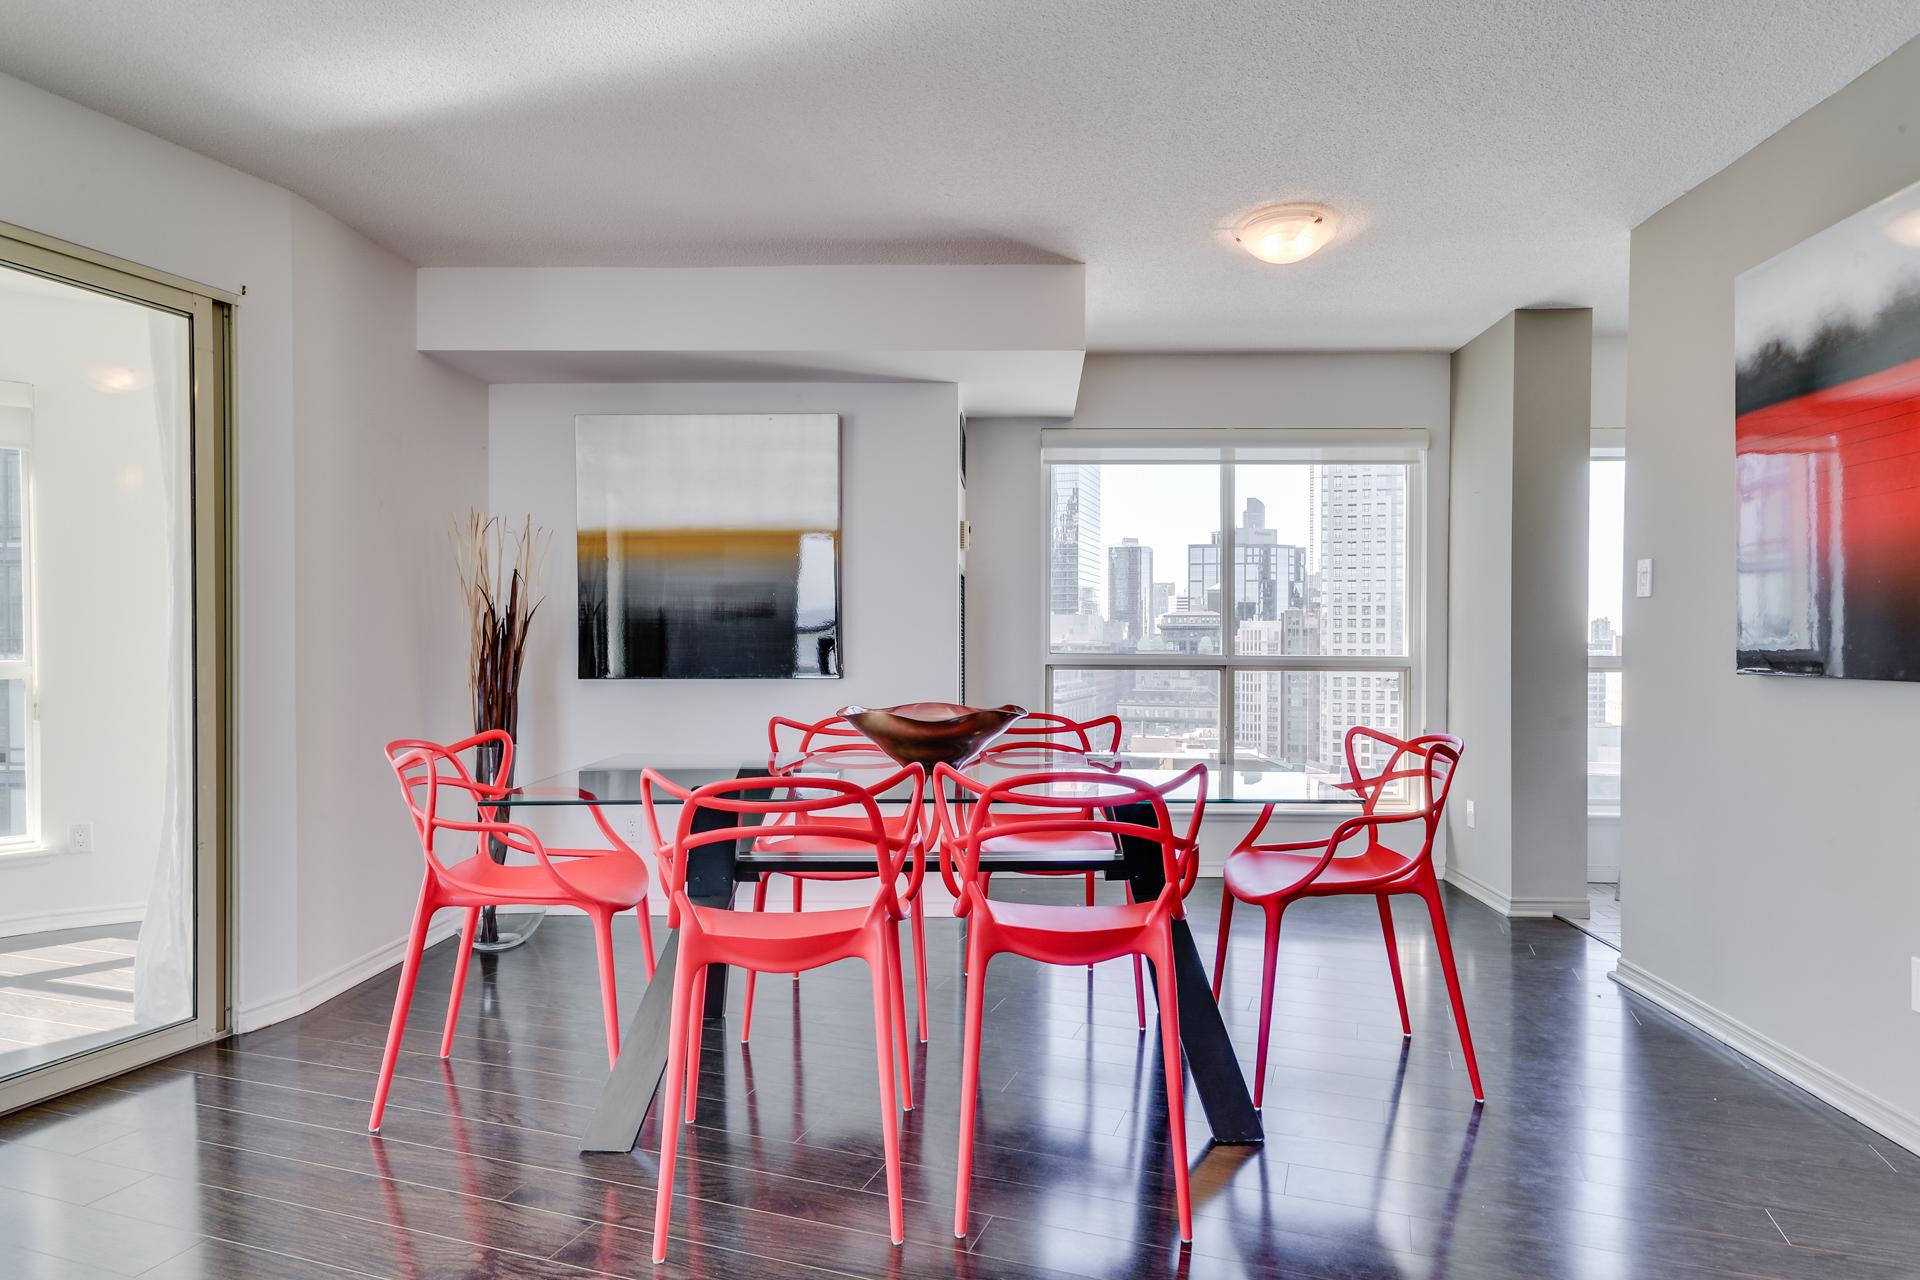 20_diningroom3.jpg